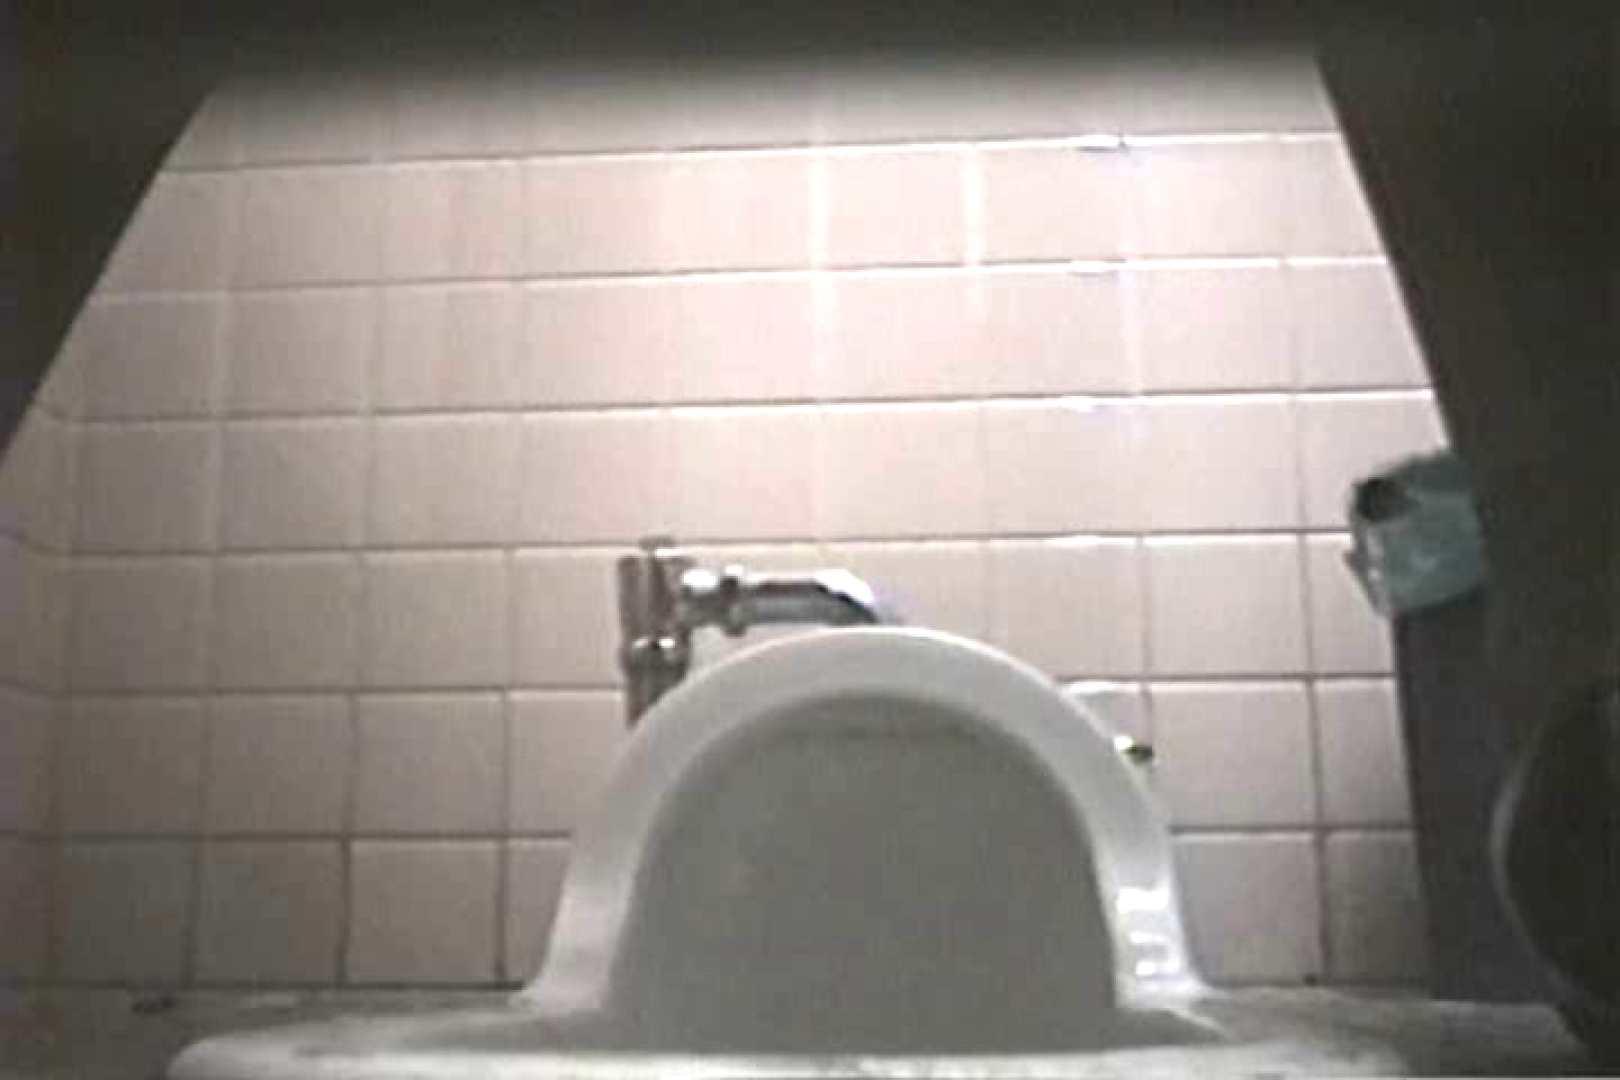 プロには撮れない女子洗面所の内部 TK-70 下半身 セックス画像 101pic 84